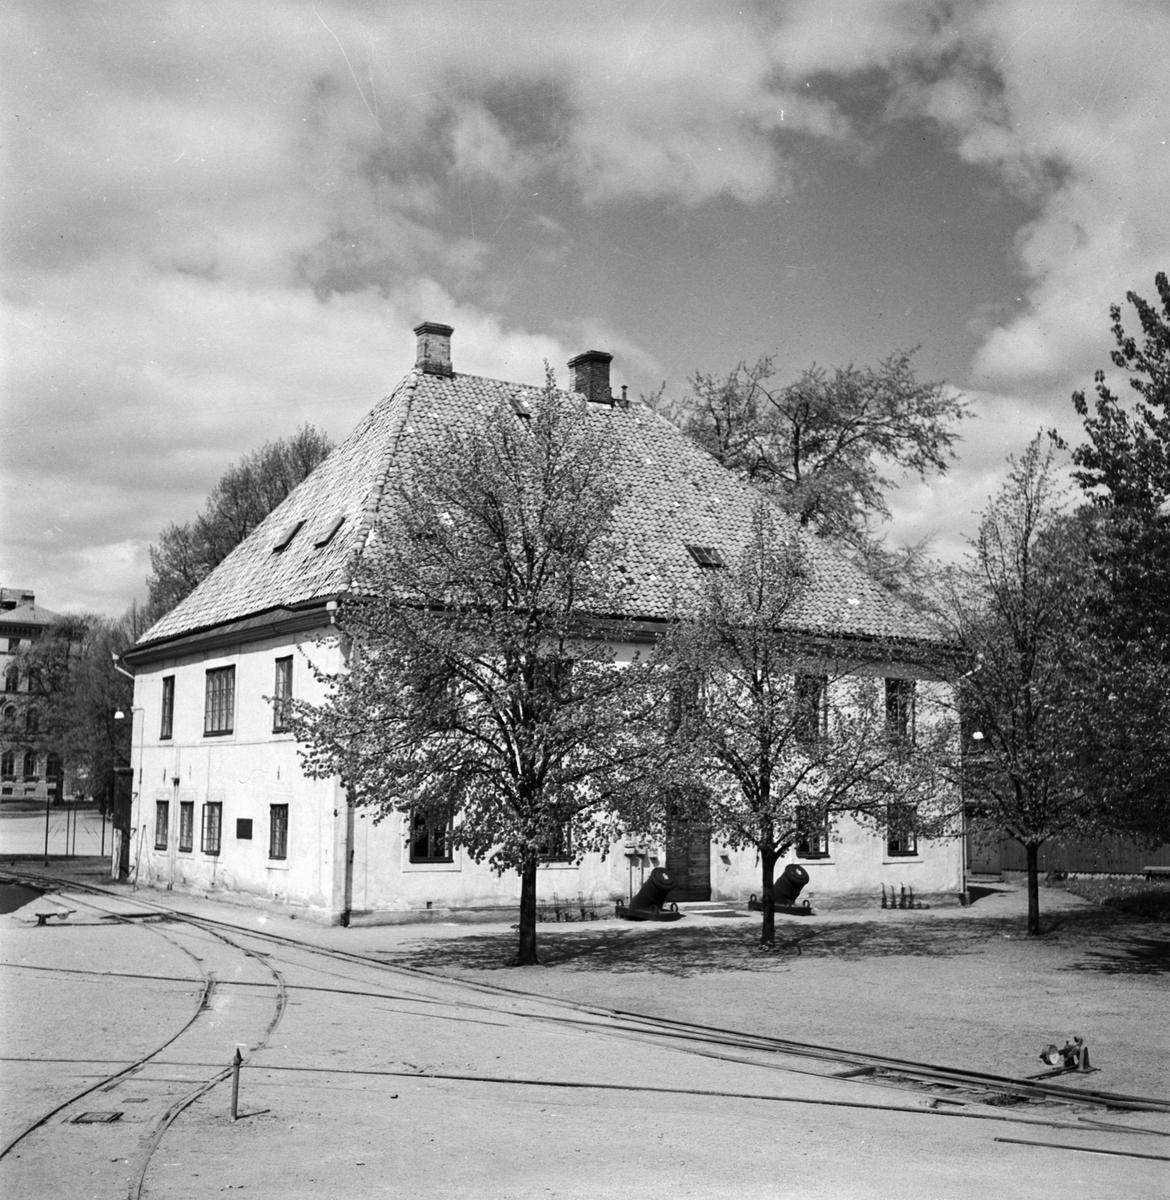 Övrigt: Foto datum: 20/6 1951 Byggnader och kranar Tygkontoret